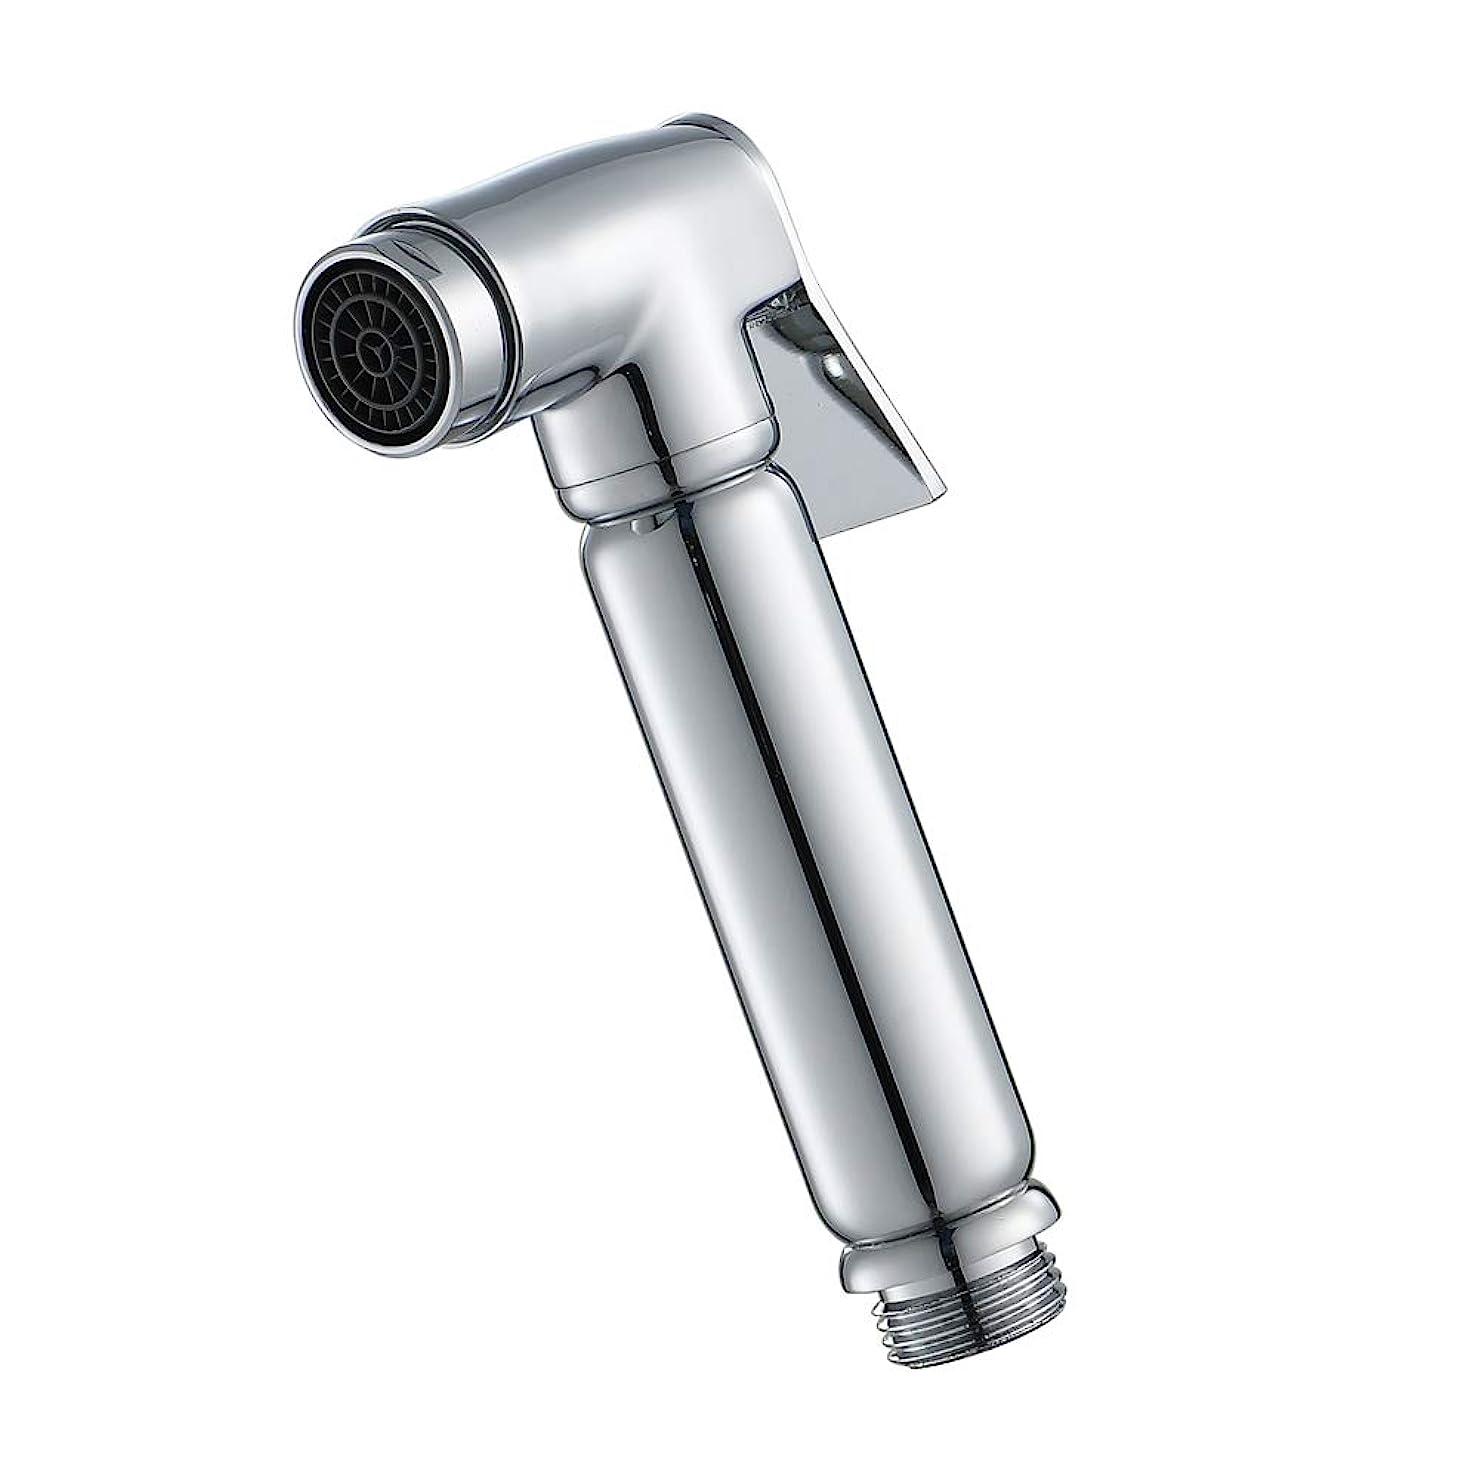 非武装化助手交換ビデ噴霧器、手持ち式ビデ噴霧器、ビデ噴霧器、真鍮、ネットボディリンス、スプレーガン、便座、浴室、壁、掃除